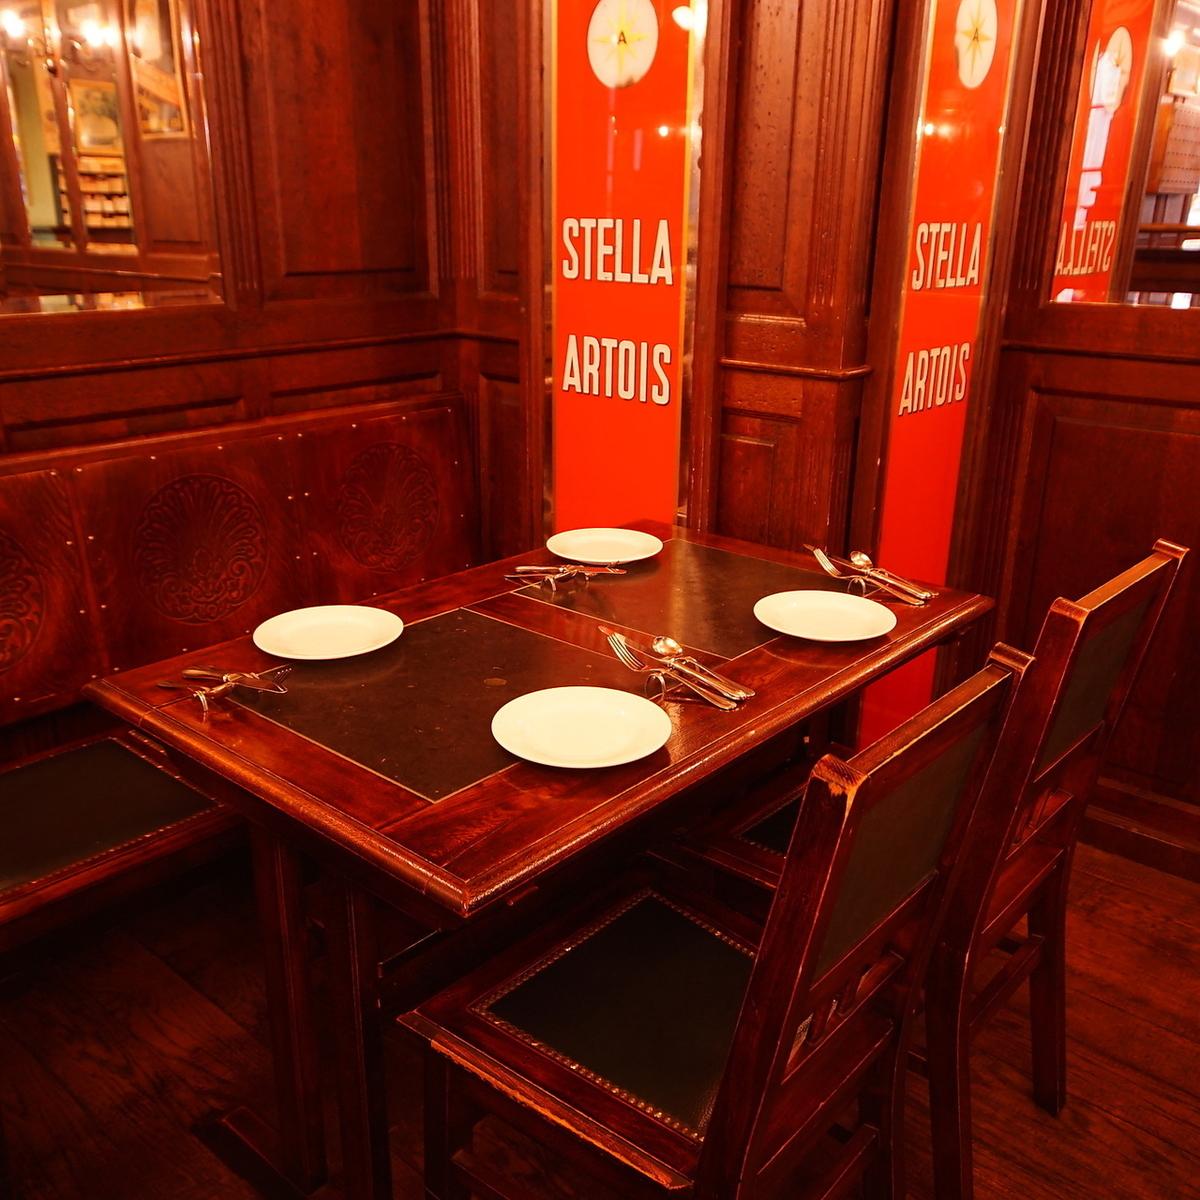 【2至4人座位】这是一个适合娱乐和纪念日使用的平静座位。